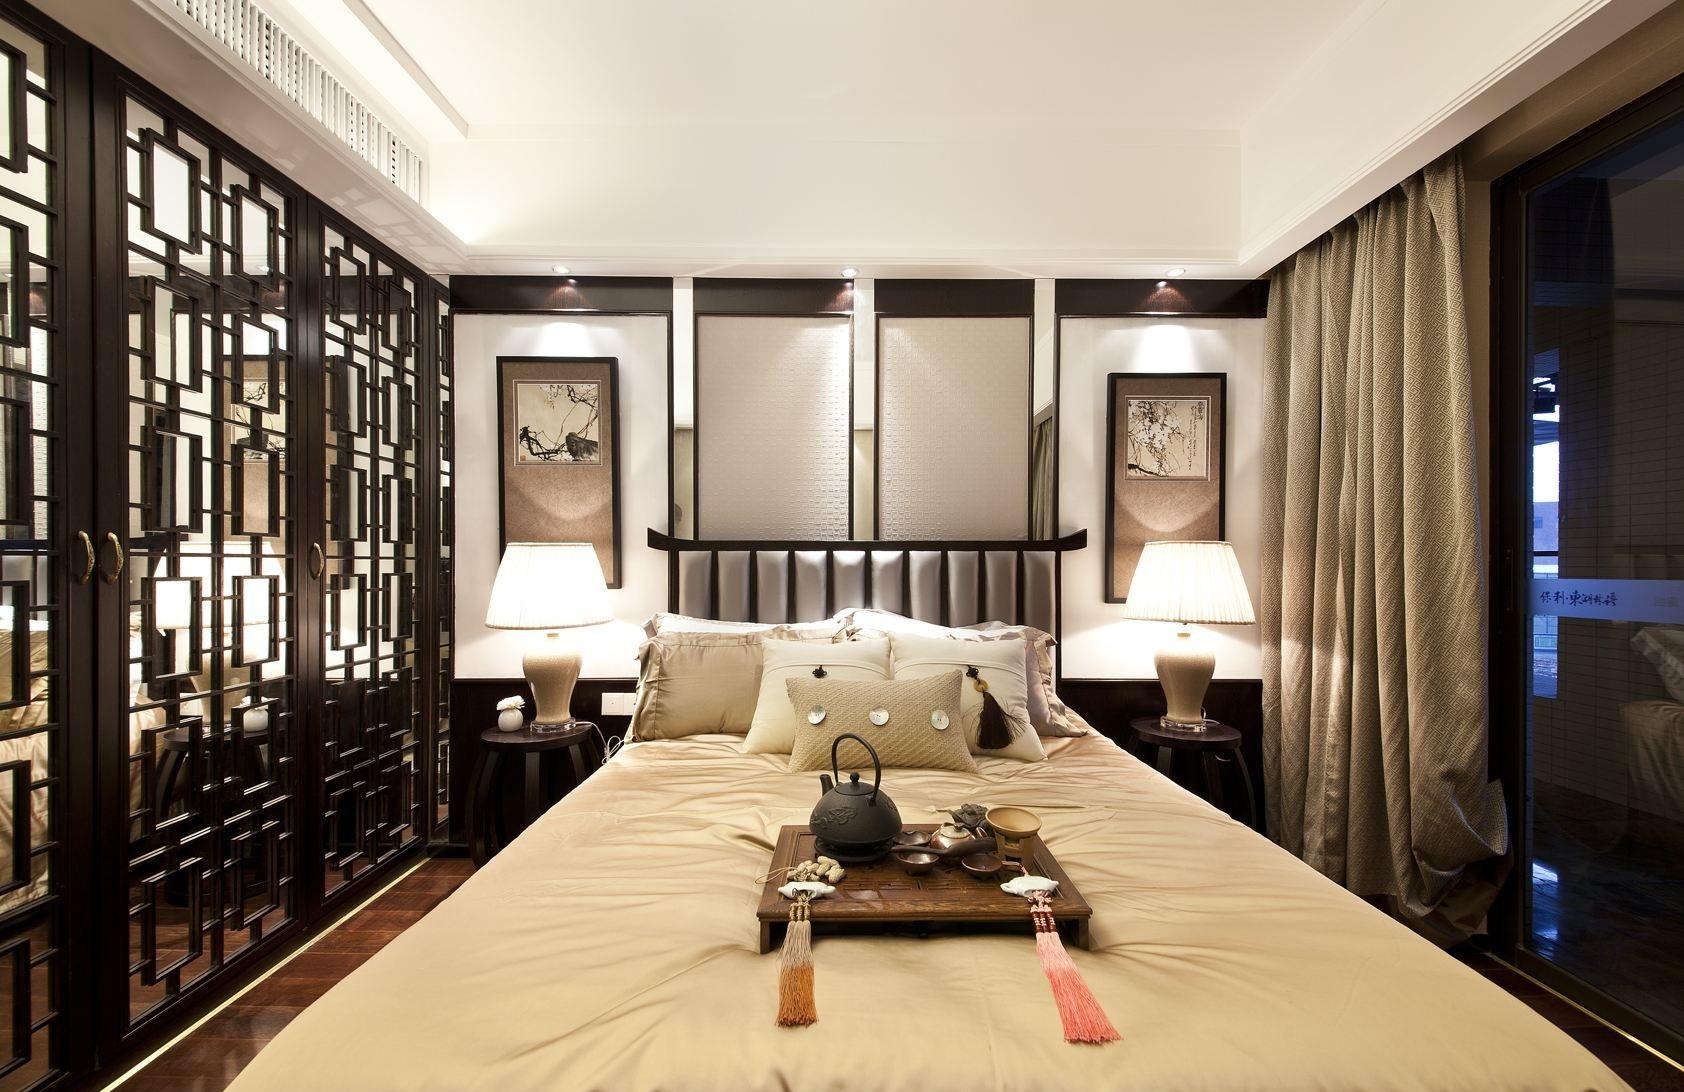 镂空雕刻的实木隔断用来进行区域分隔,古典与现代的精彩融合,中式风格的卧室也能这么时尚。